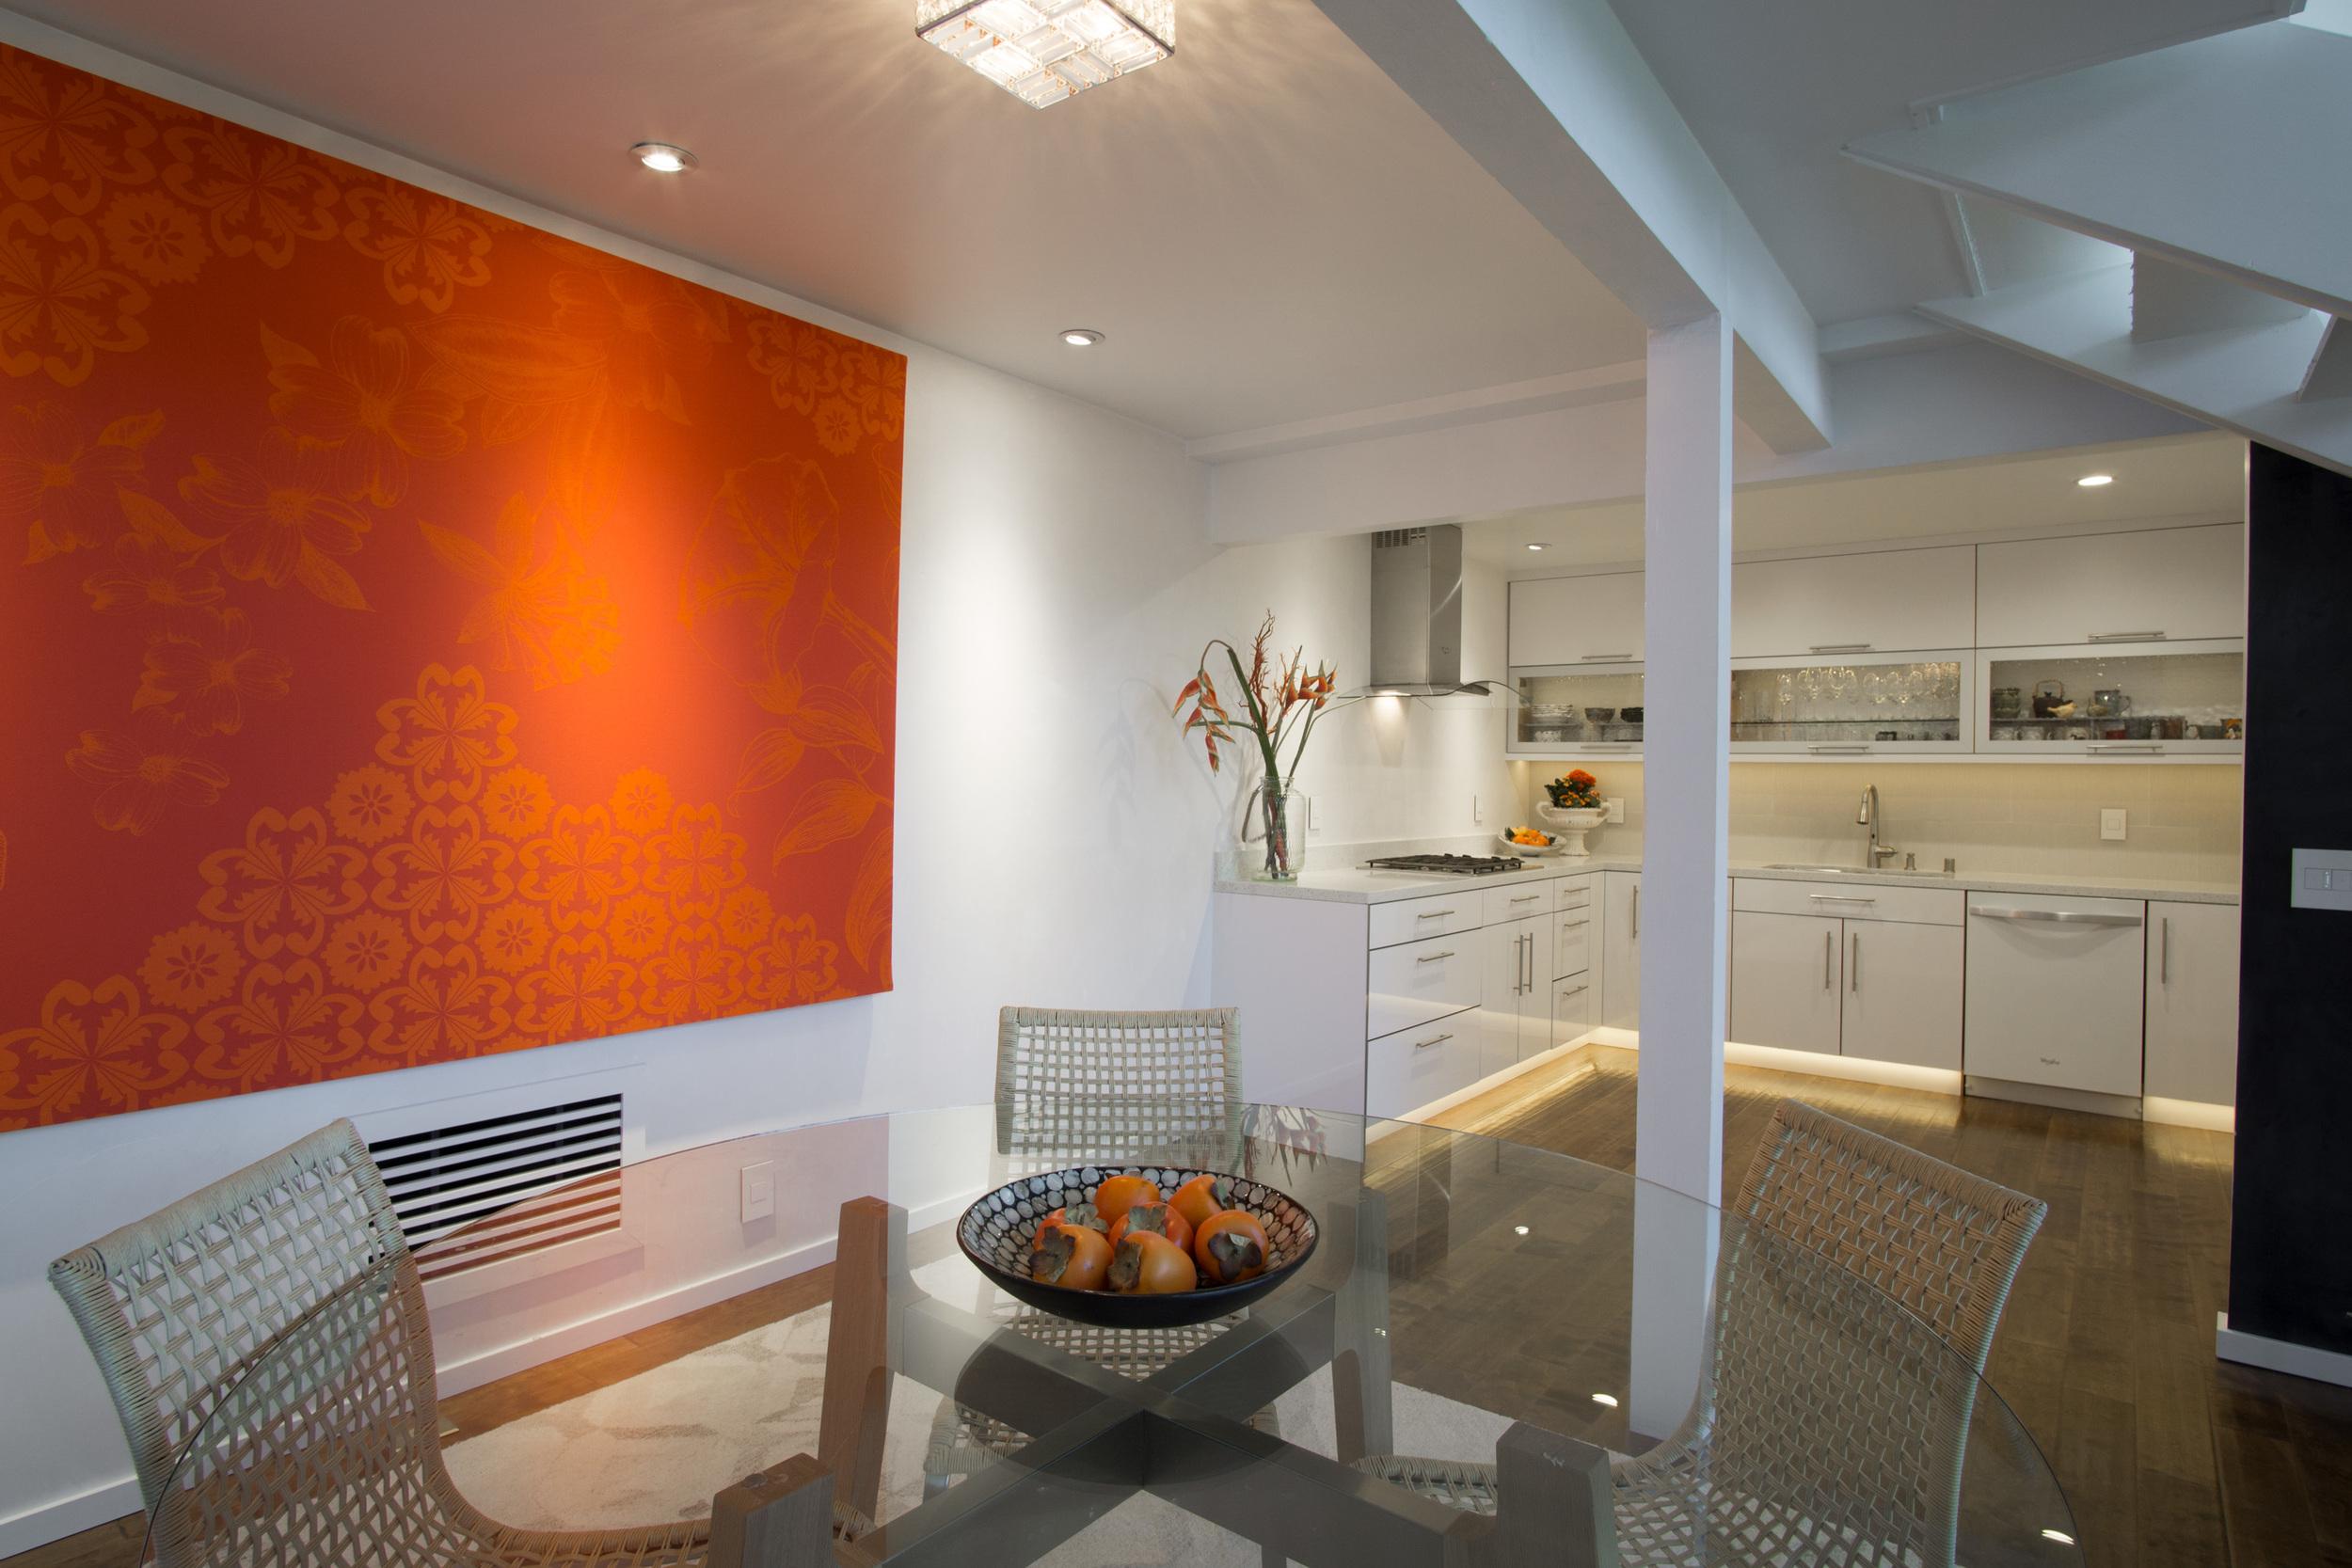 10 dining kitchen 2.jpg